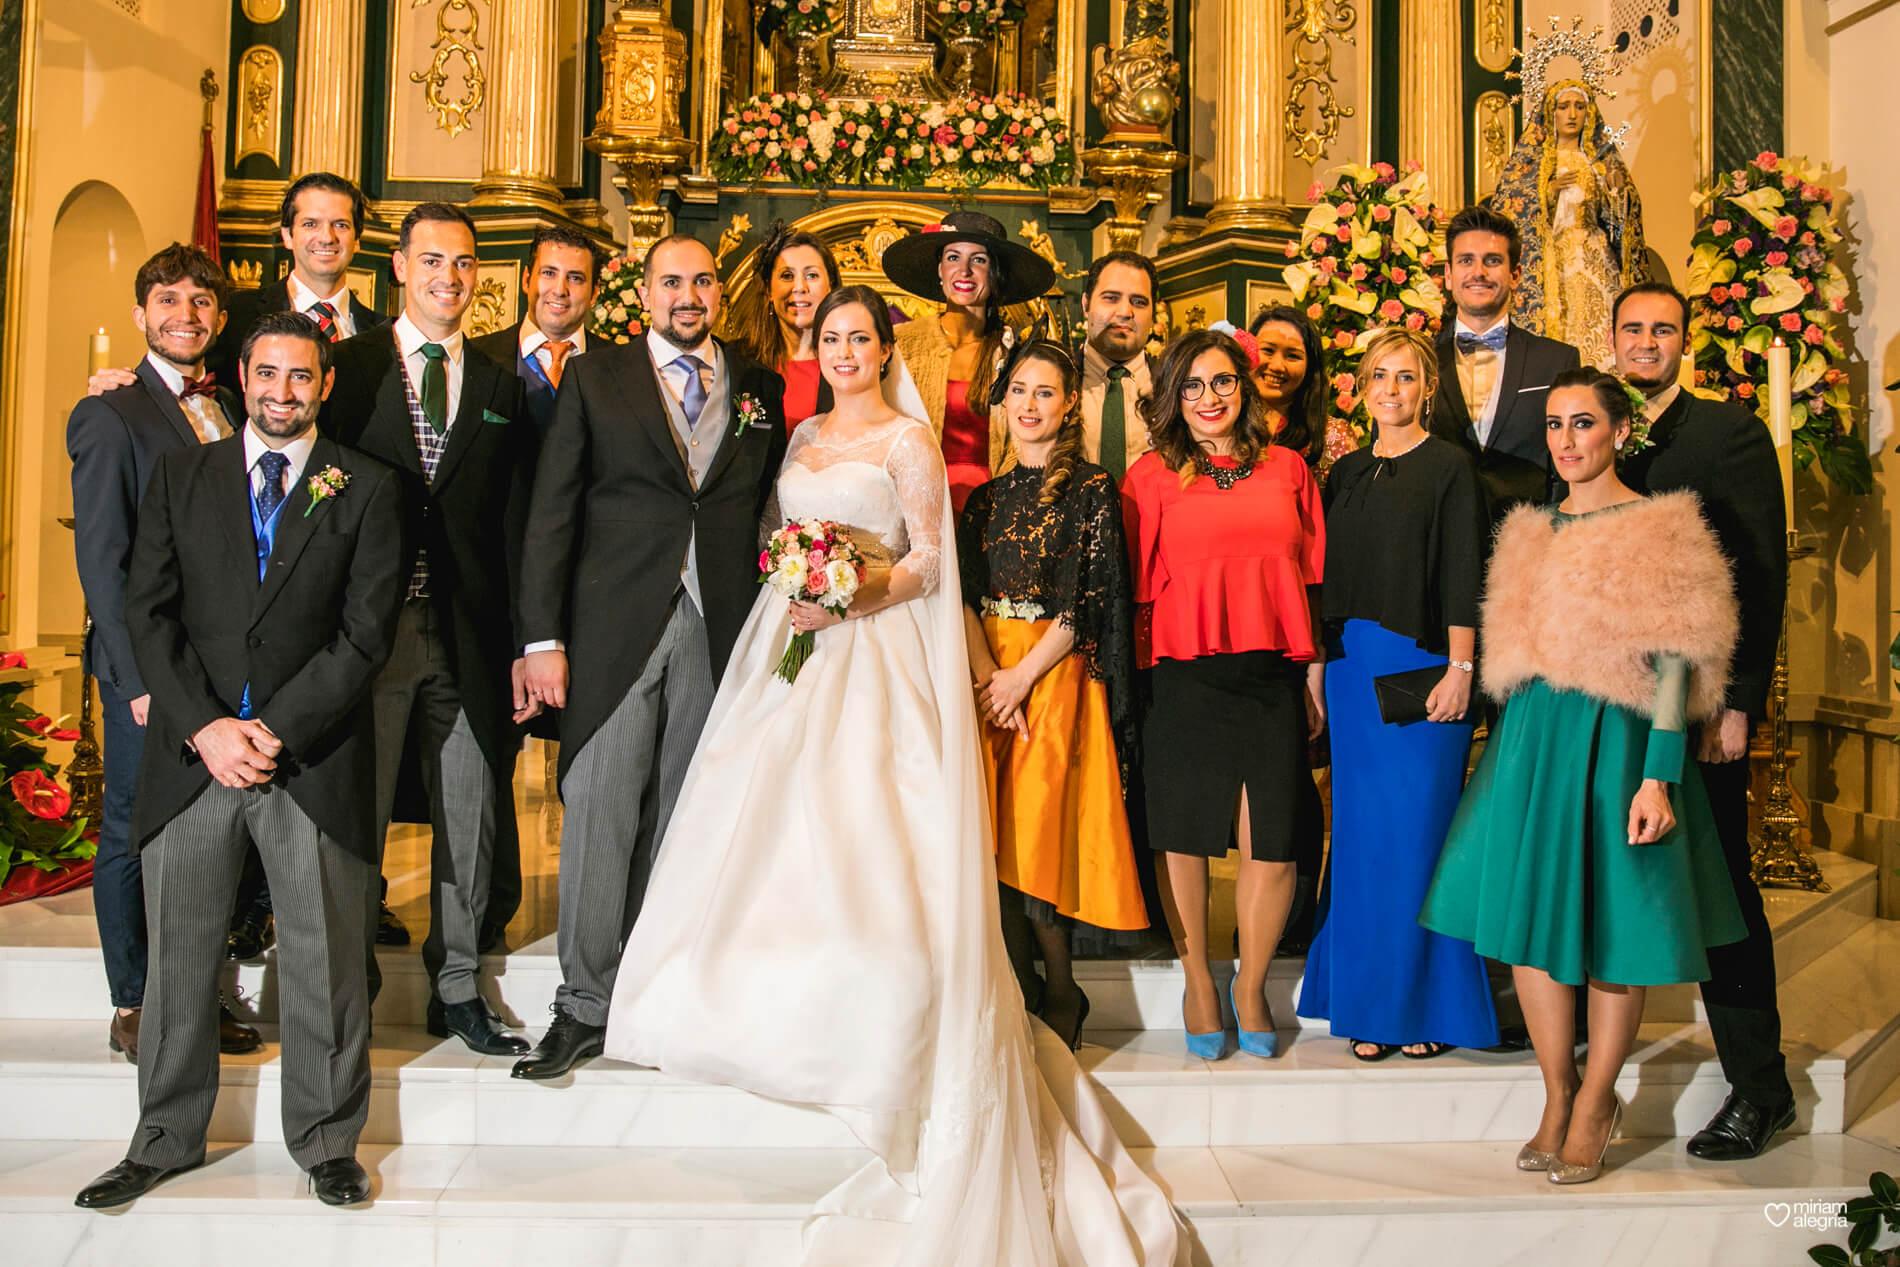 boda-en-el-rincon-huertano-miriam-alegria-fotografos-boda-murcia-88